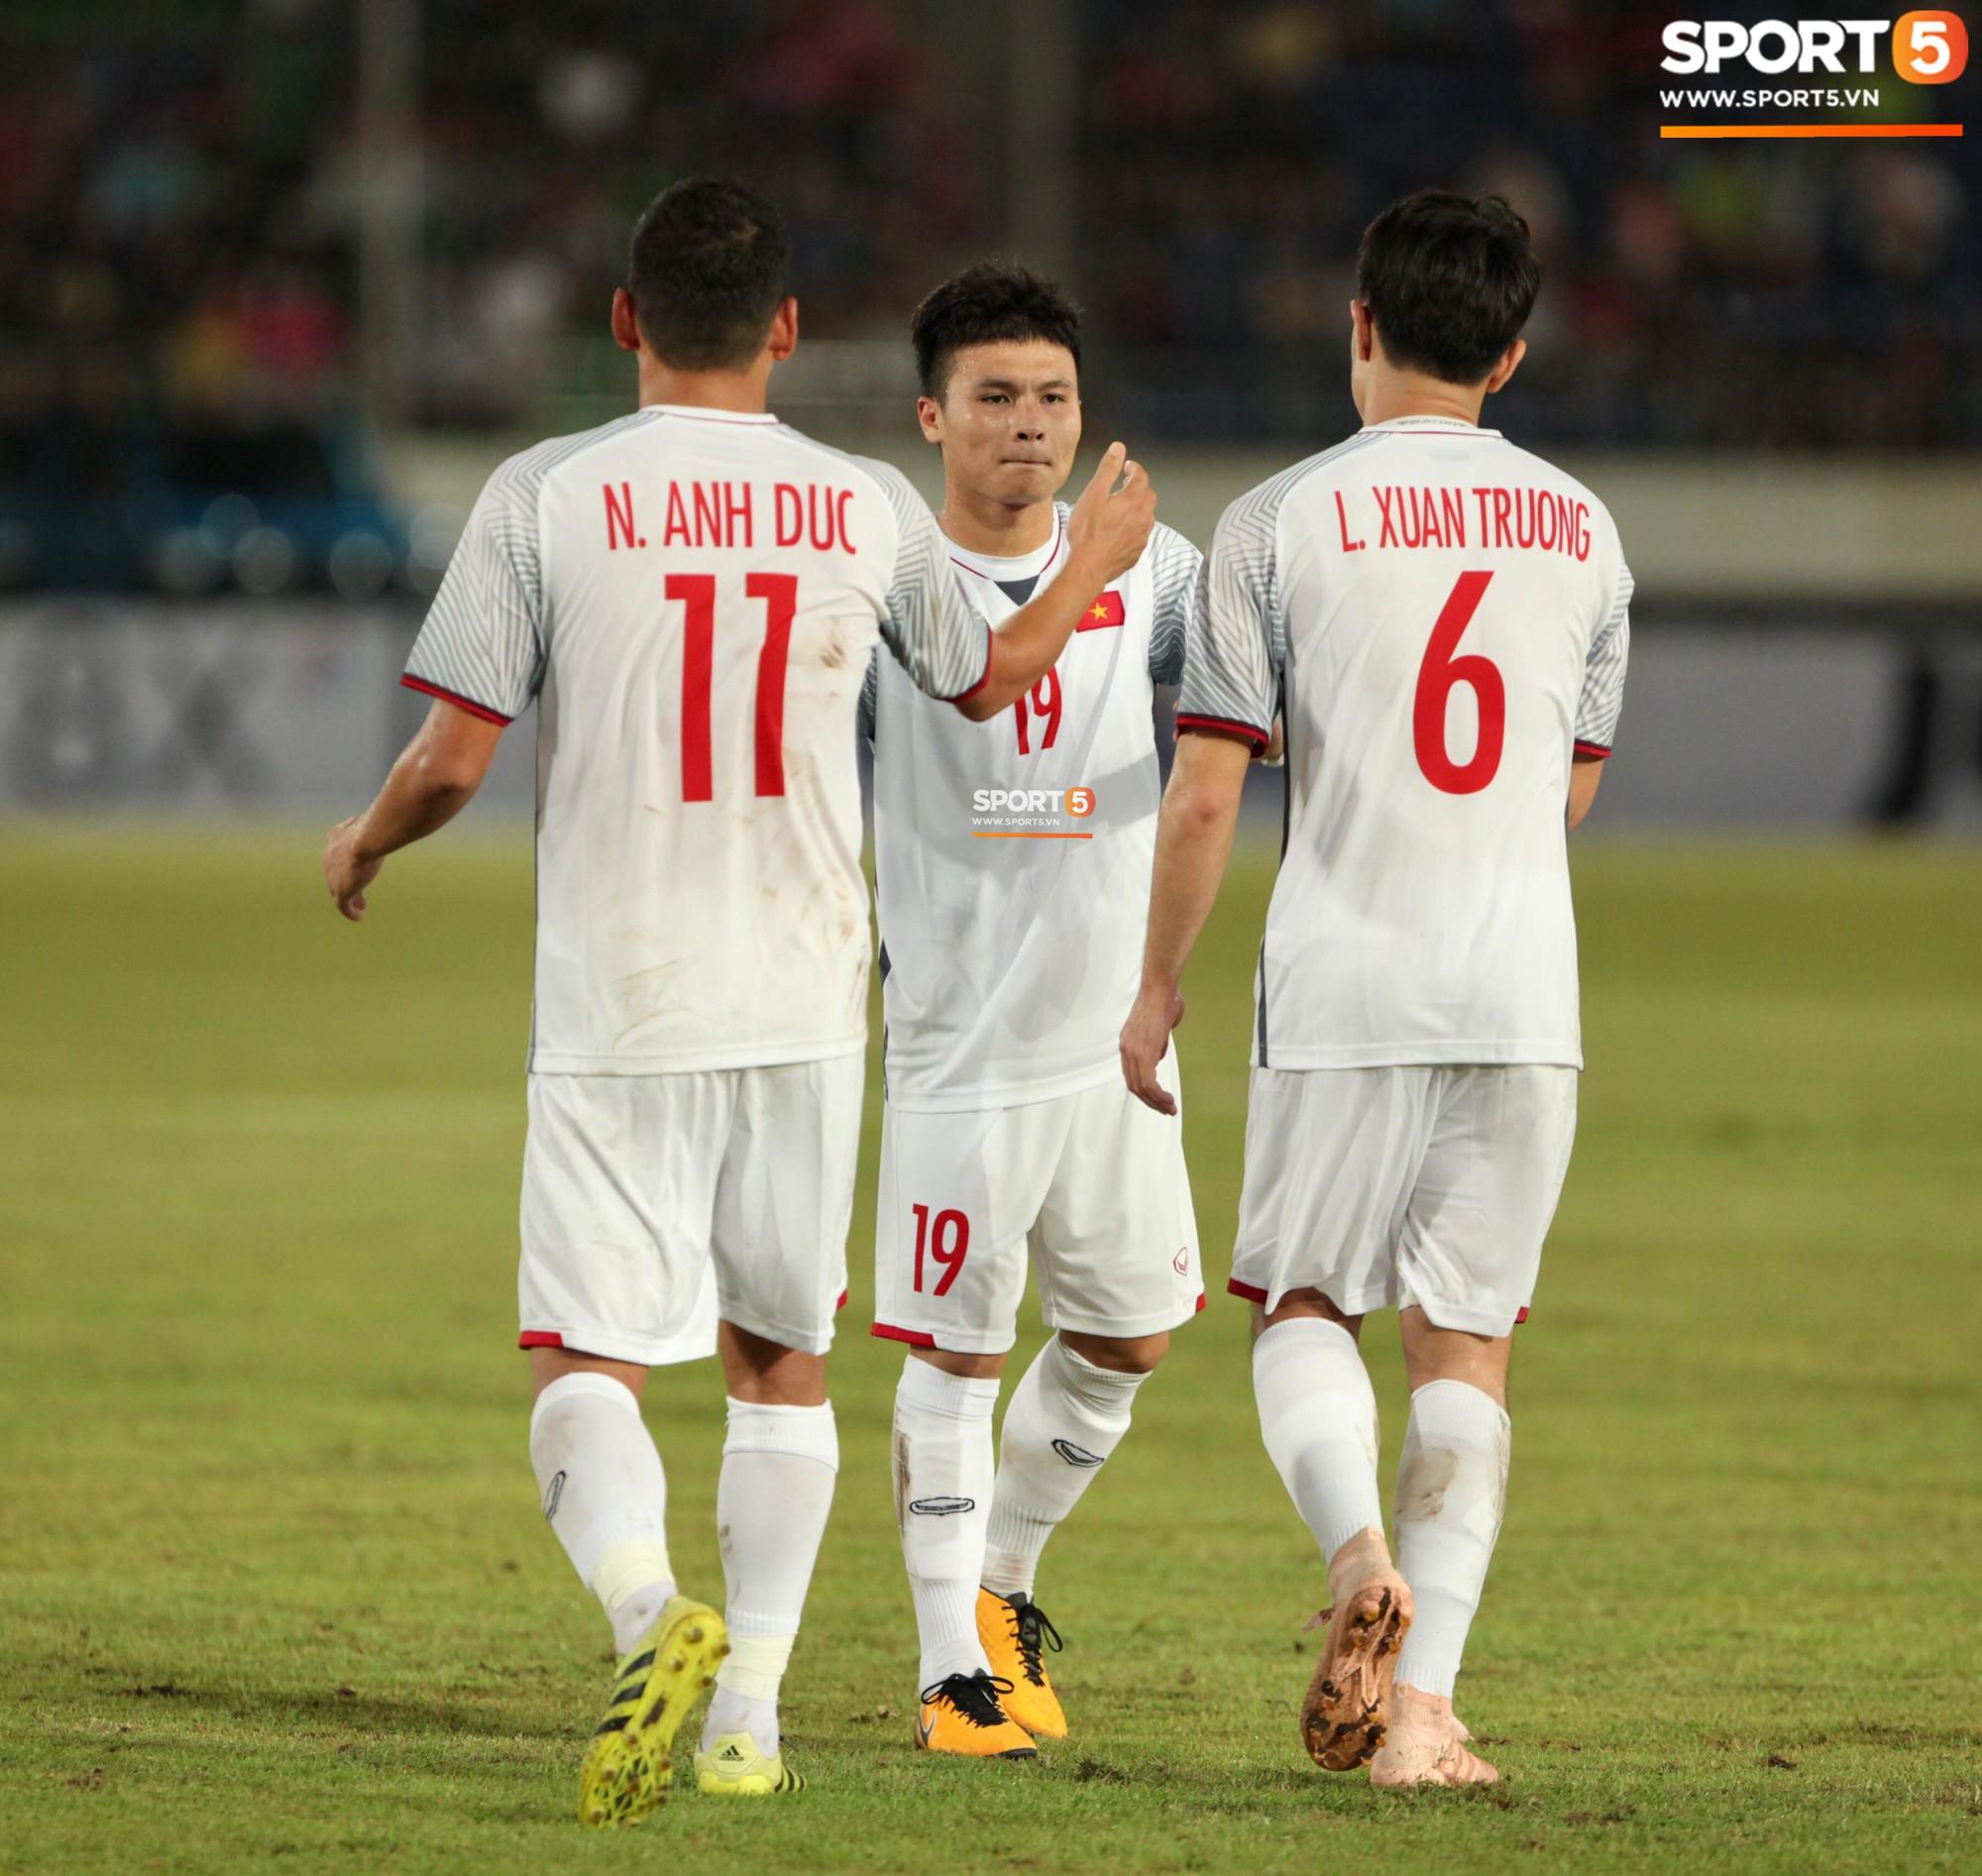 Cậu út của tuyển Việt Nam muốn tái hiện bàn tay của chúa trong trận mở màn AFF Cup 2018 - Ảnh 12.